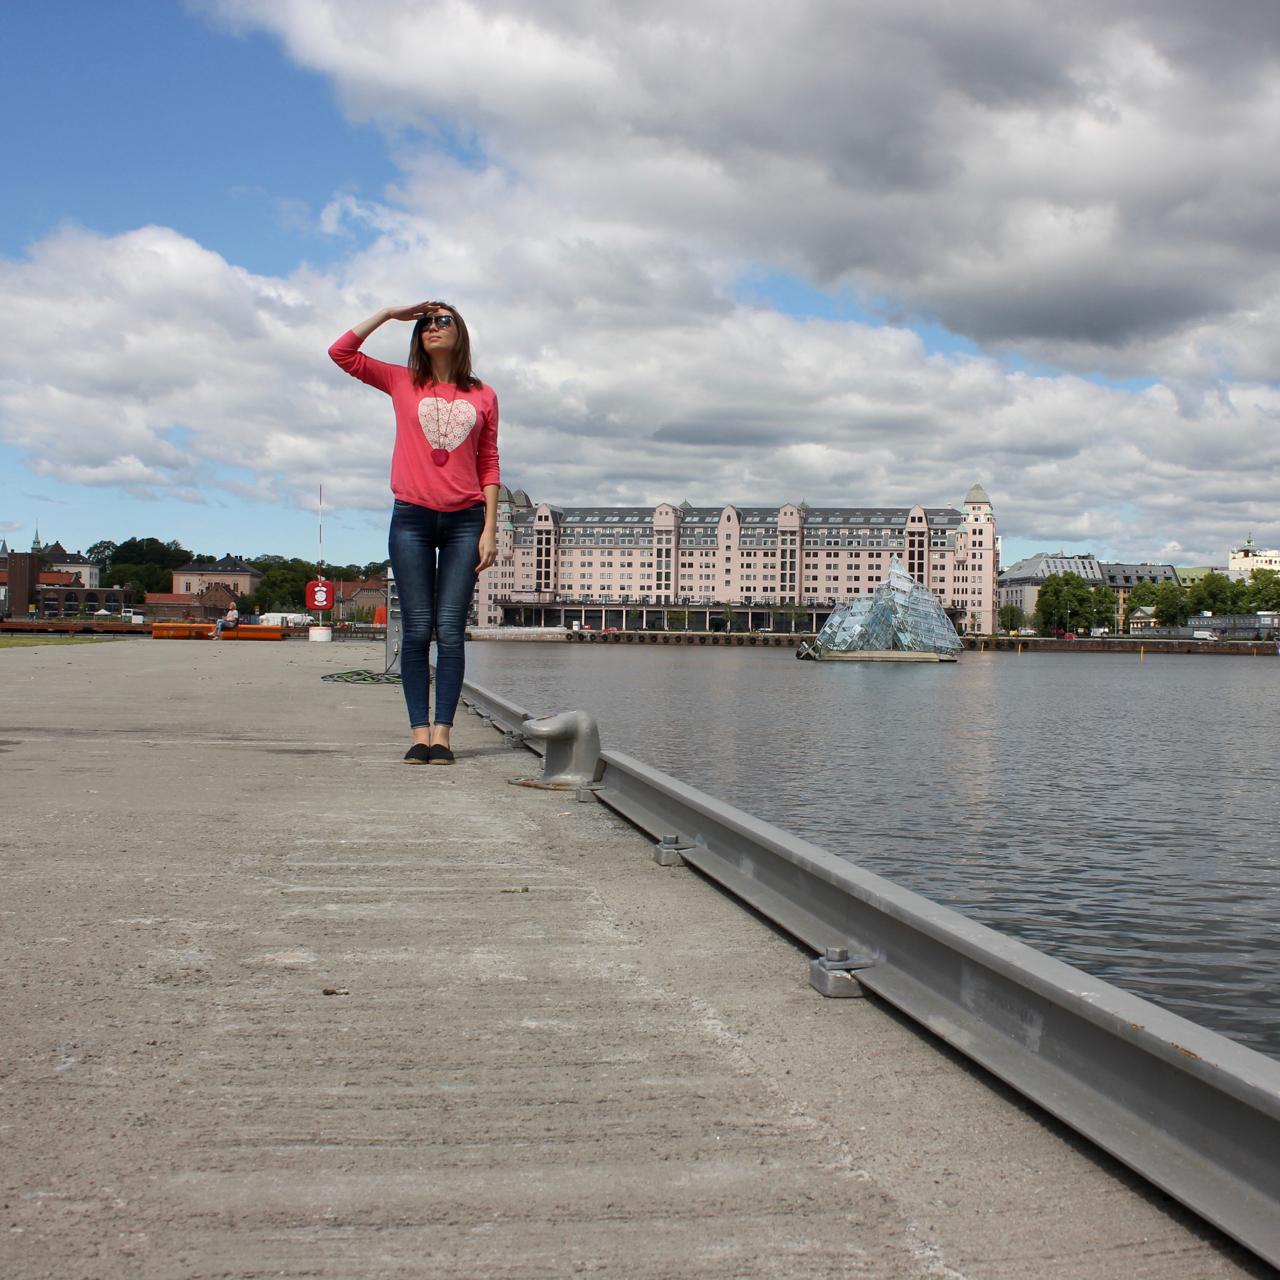 Oslo, Norway - 12